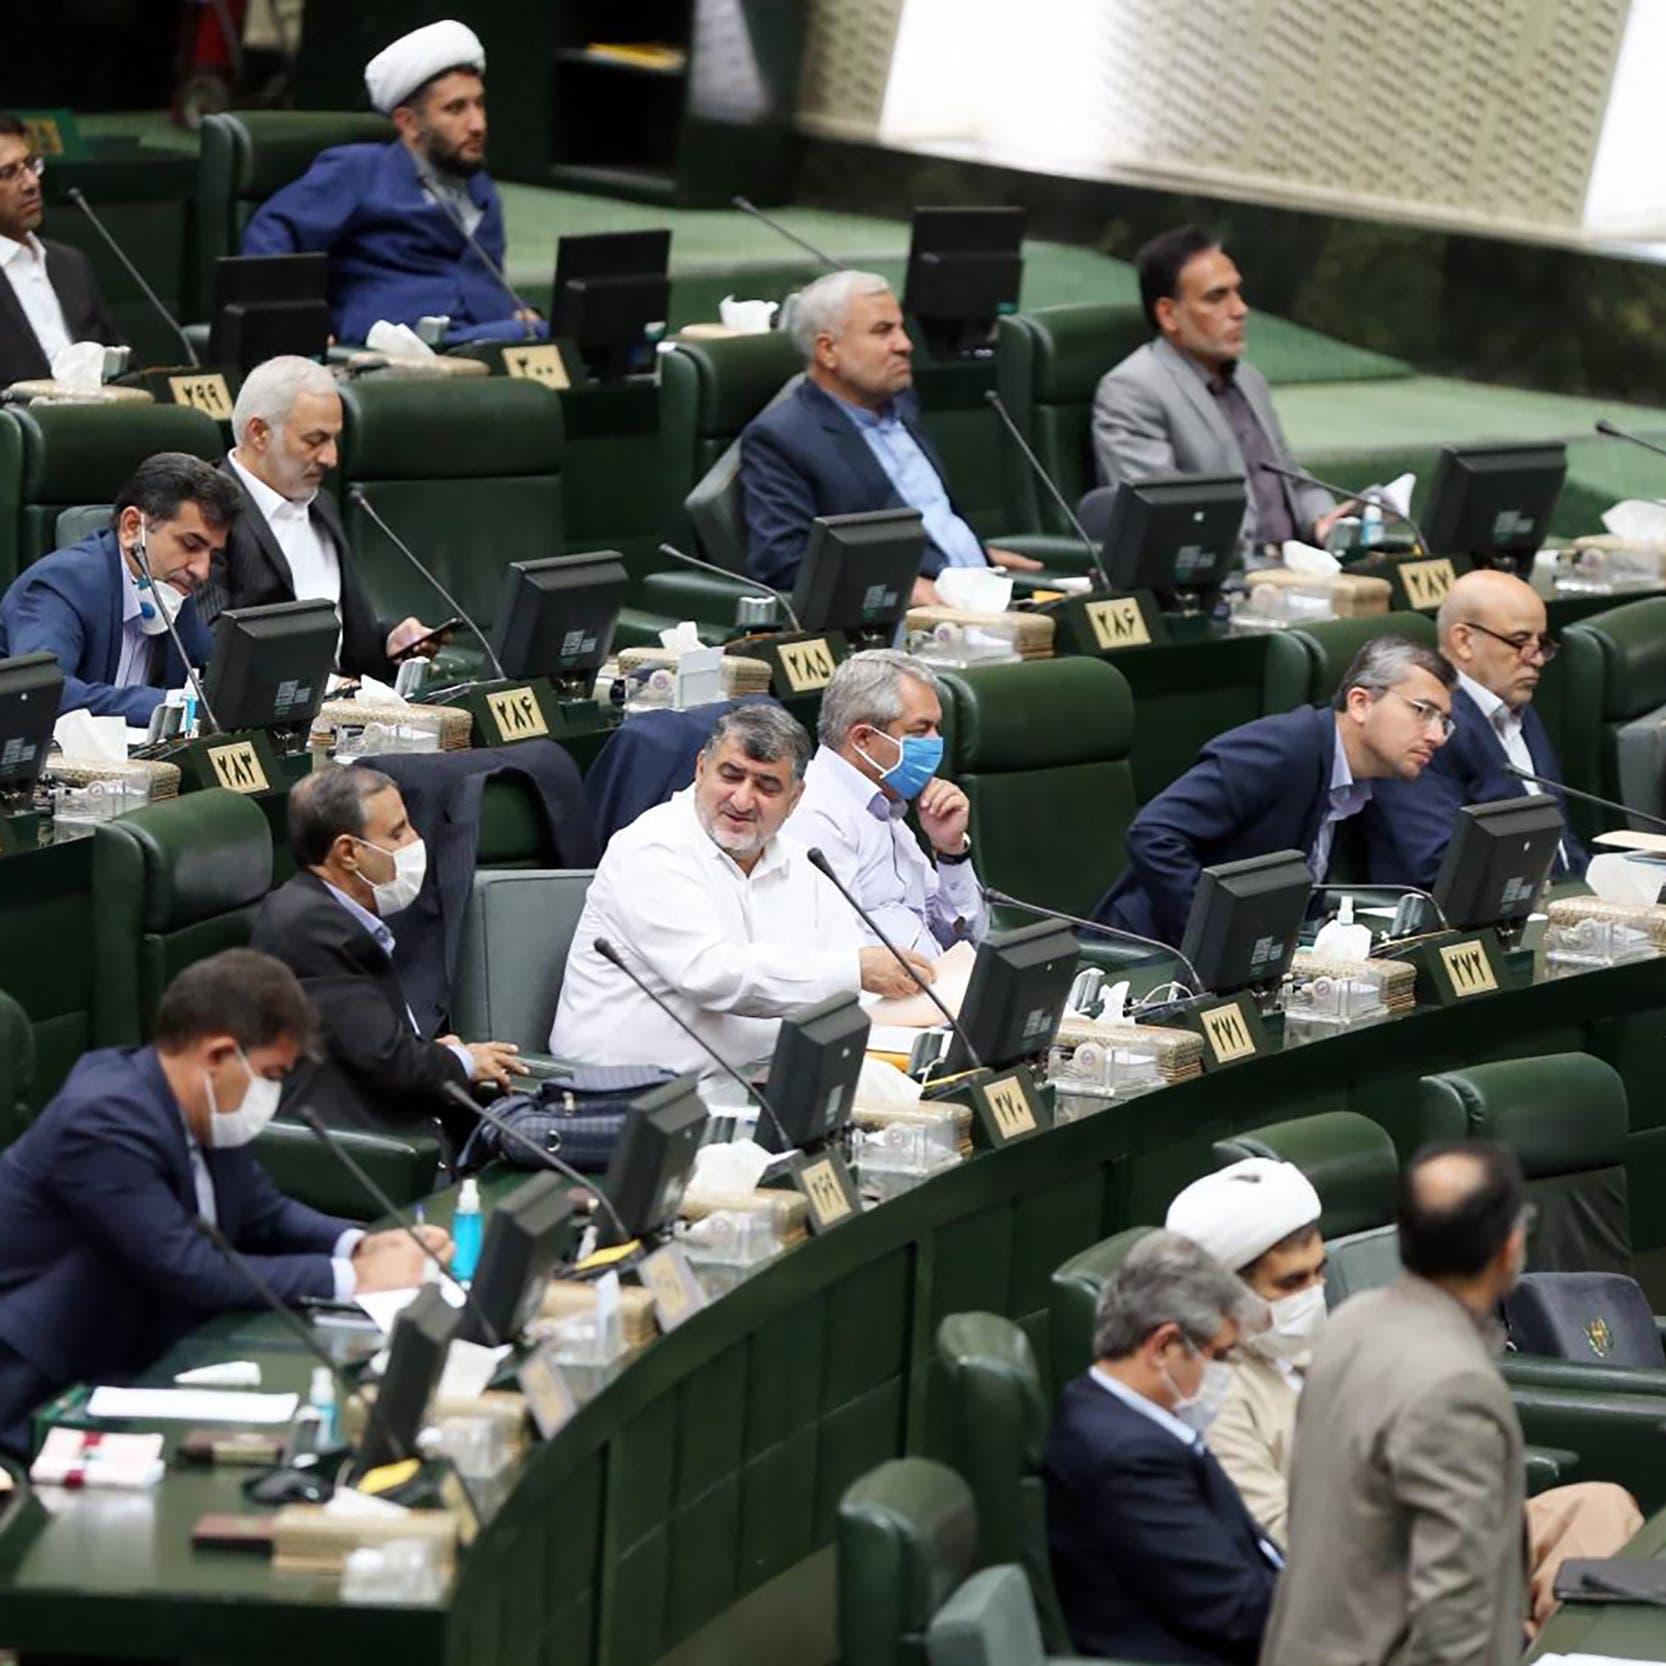 البرلمان الإيراني: أي تغييرات عند الحدود مع أذربيجان خط أحمر